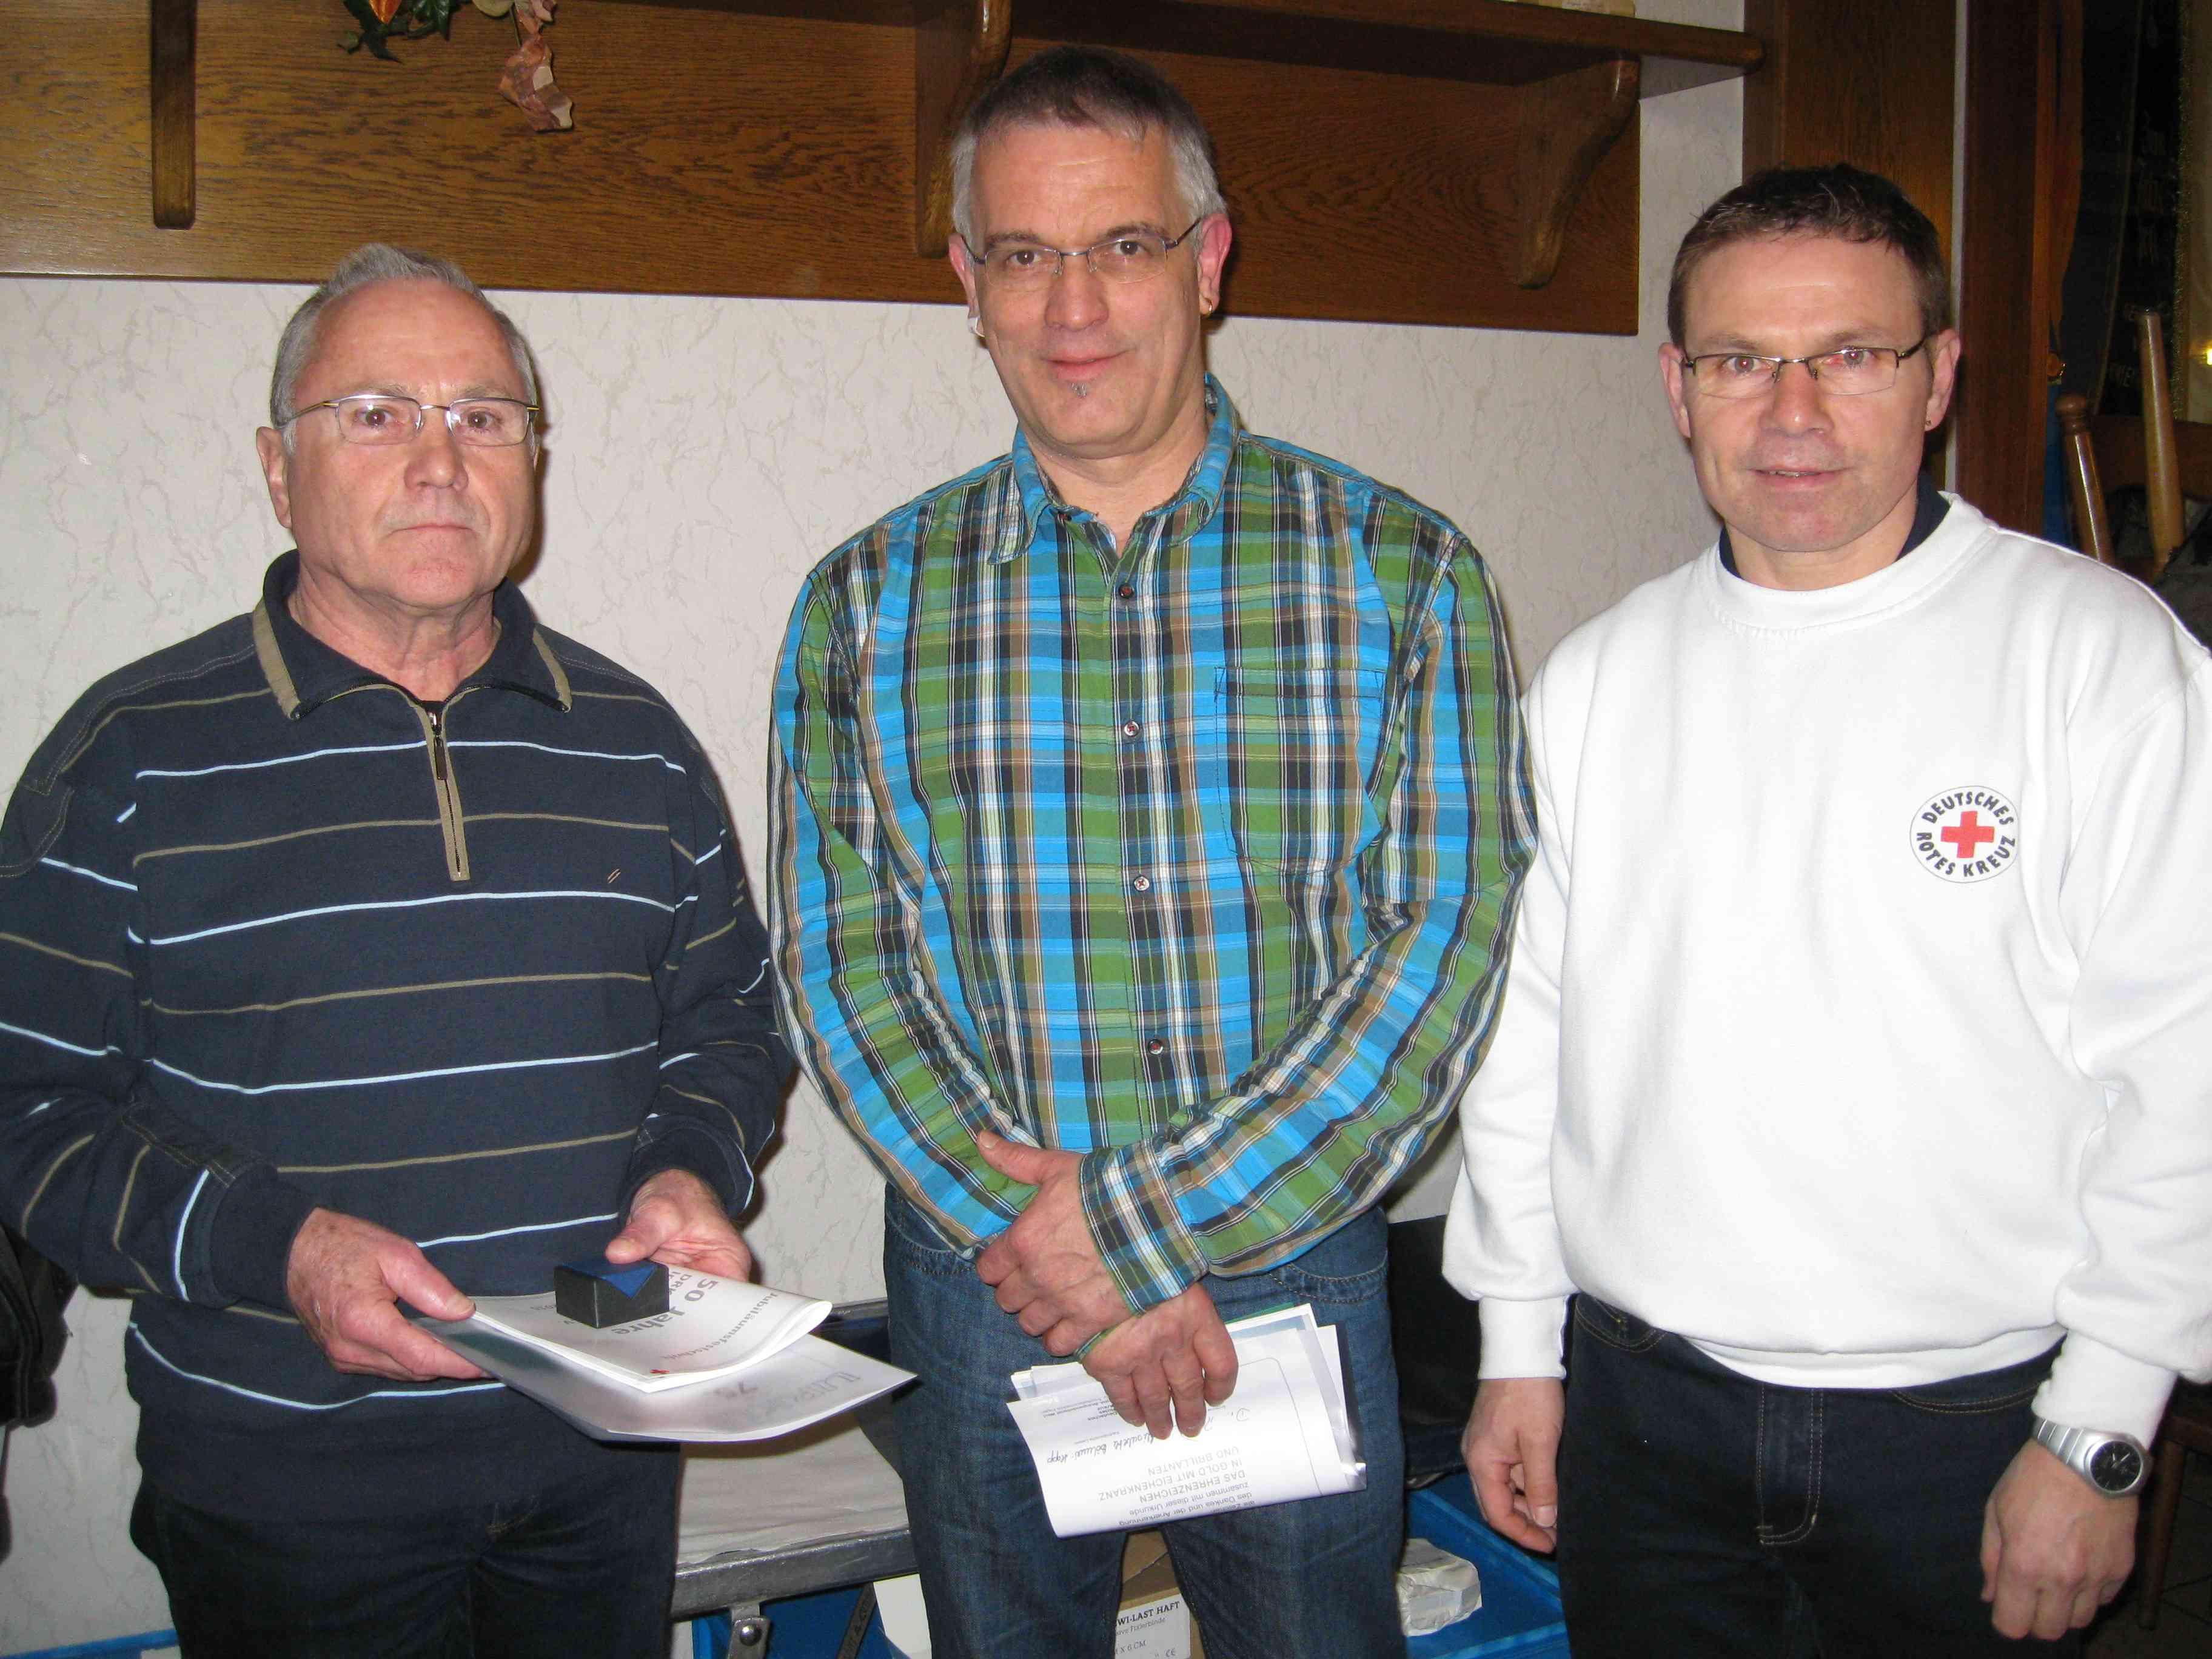 184 Blutspender kamen in den Gasthof Ley. Klaus Trost und Bernd Brado für 75 Blutspenden ausgezeichnet